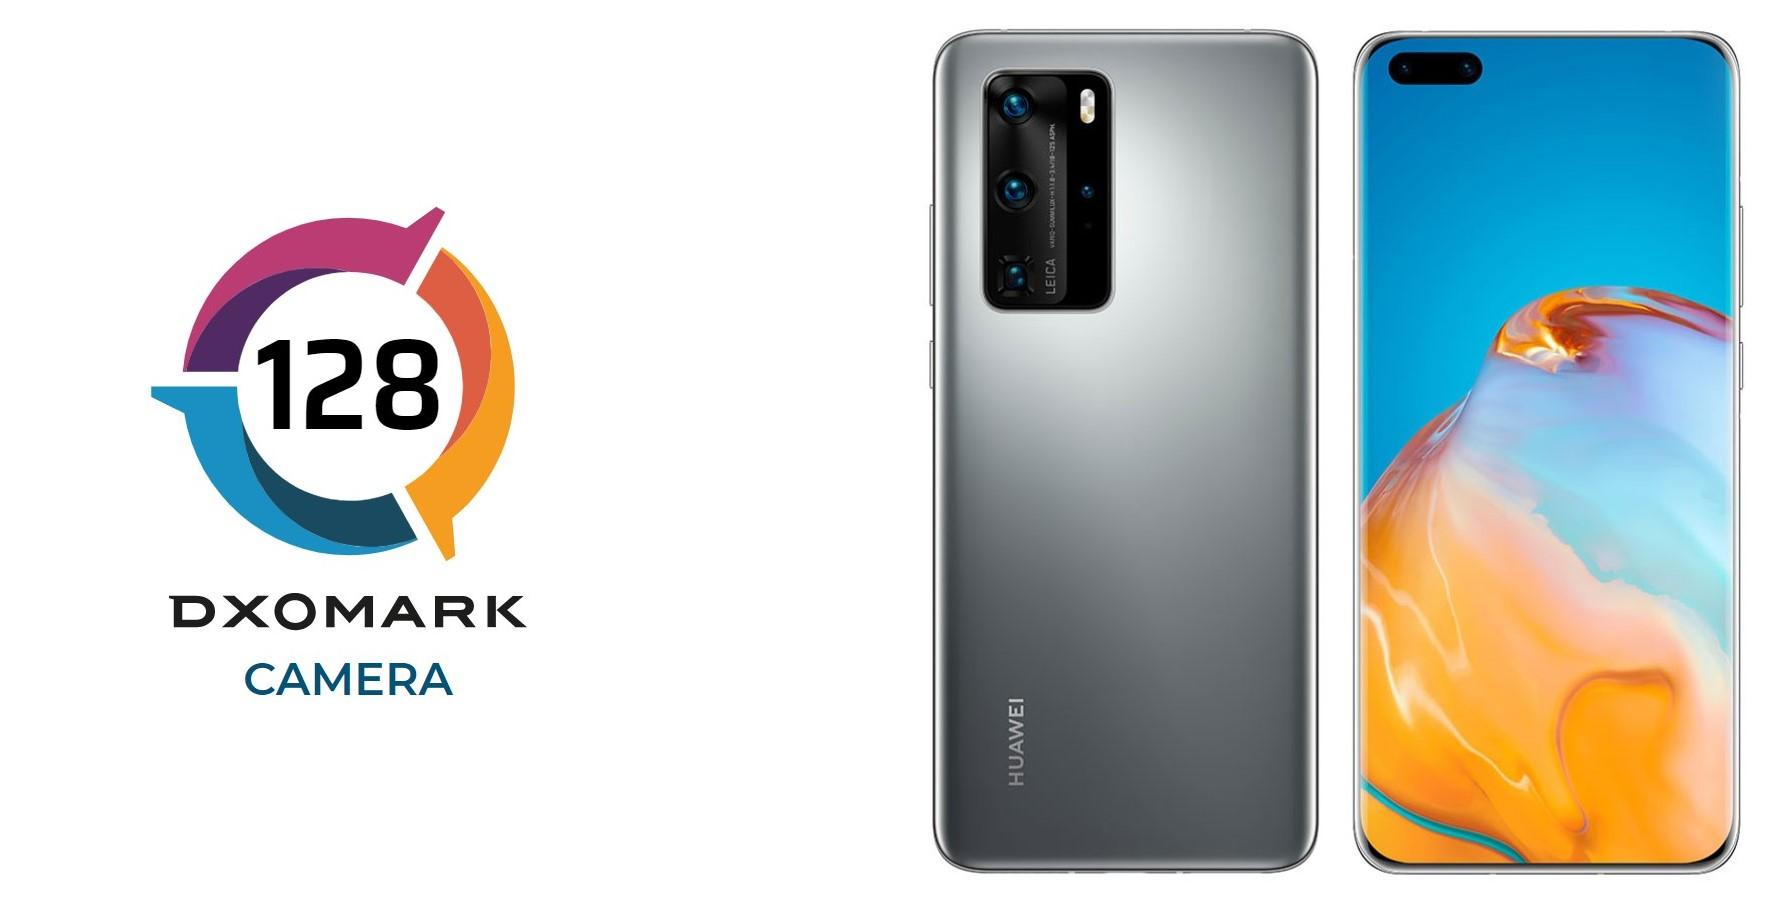 Huawei P40 Pro królem mobilnej fotografii - DxOMark nie ma wątpliwości 26